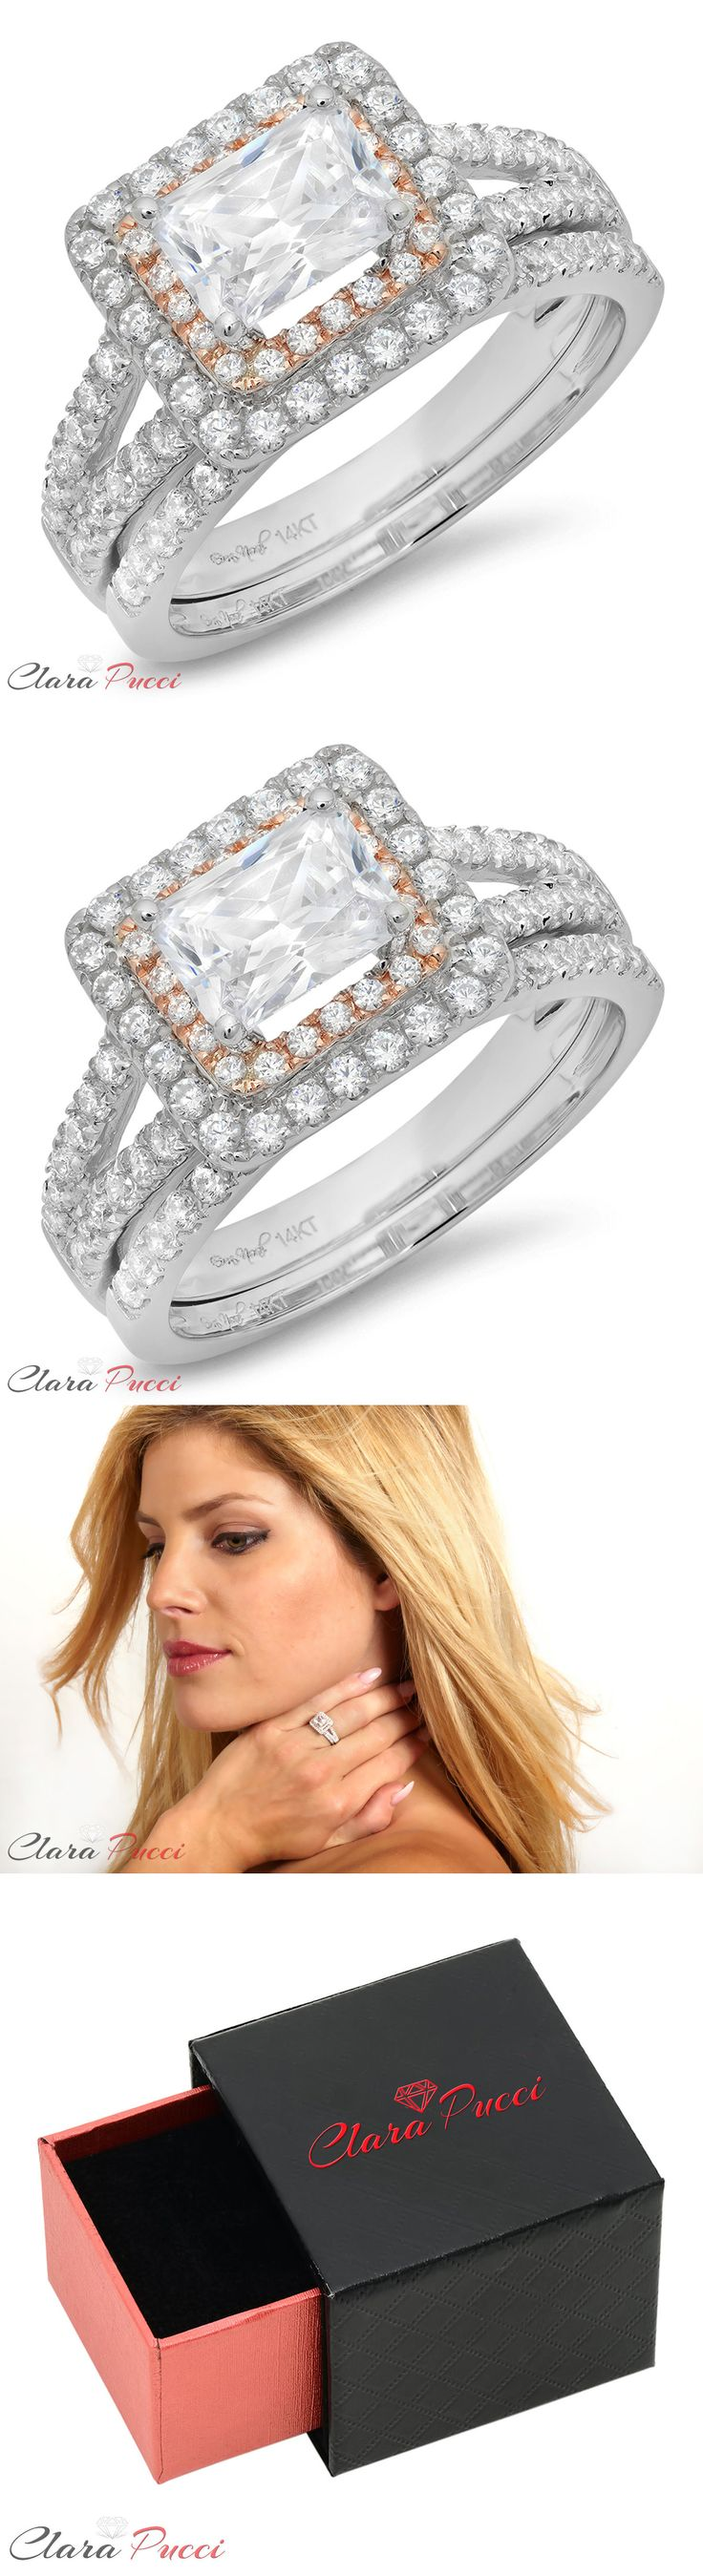 ebay eheringe ebay wedding rings sets Other Wedding Ring Sets 1 70 Ct Emerald Cut Engagement Bridal Ring Band Set Simulated